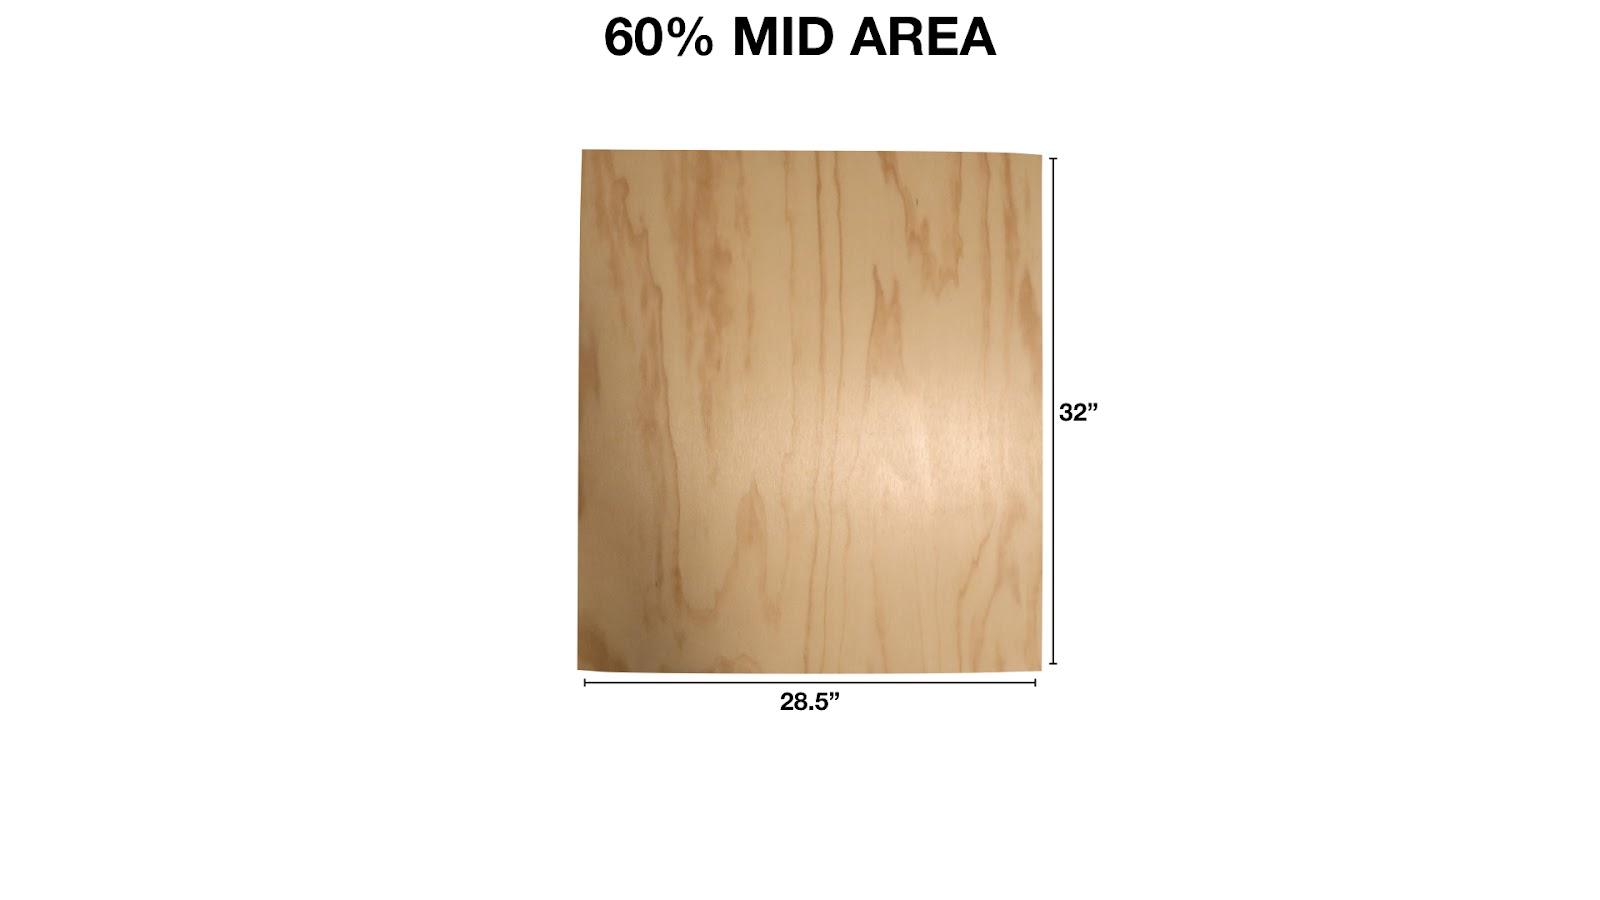 60% Mid Area